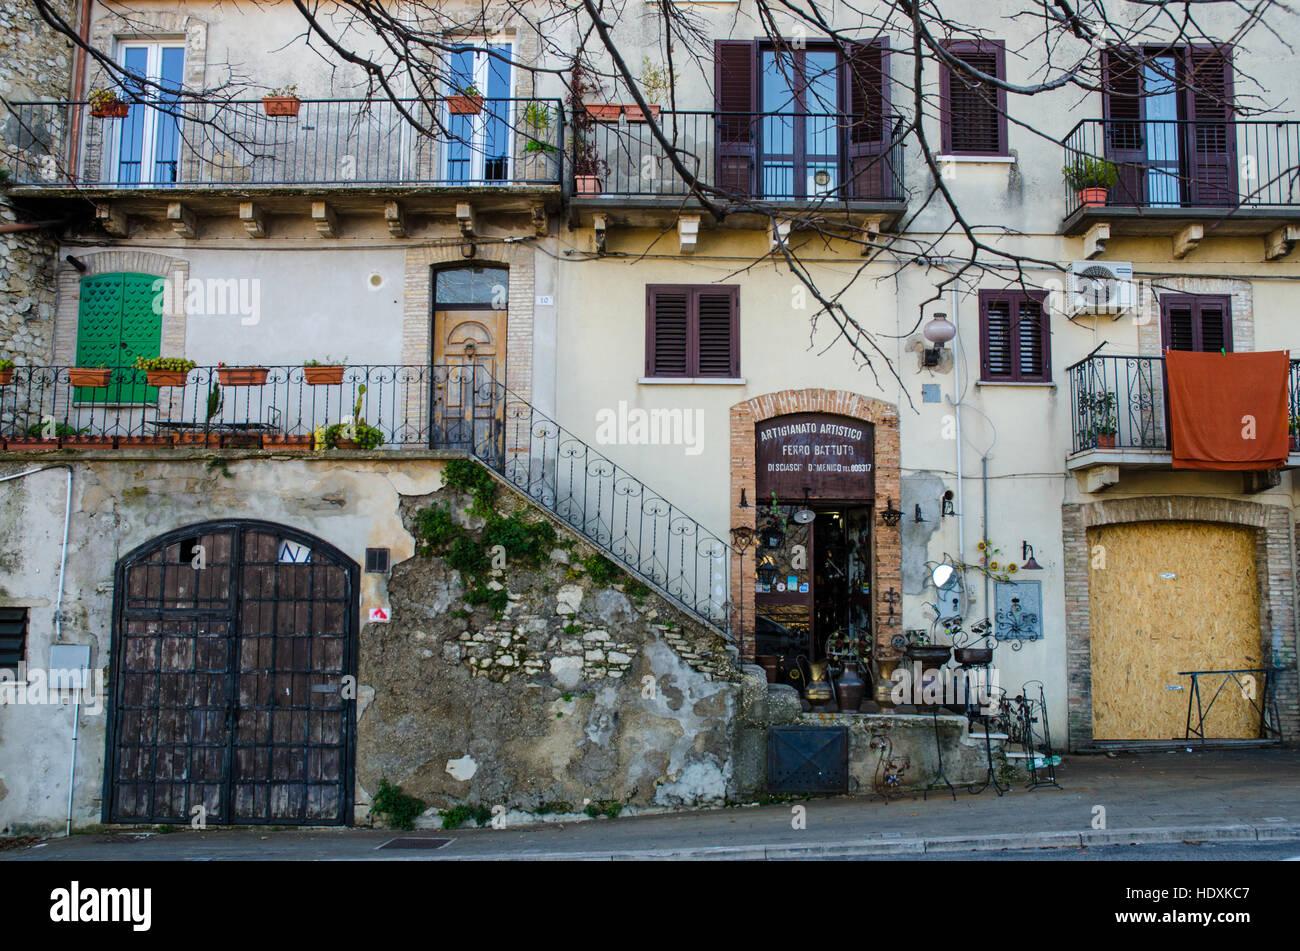 Acheter Une Maison En Italie Abruzzes rue d'italie - guardiagrele guardiagrele, italie, abruzzes